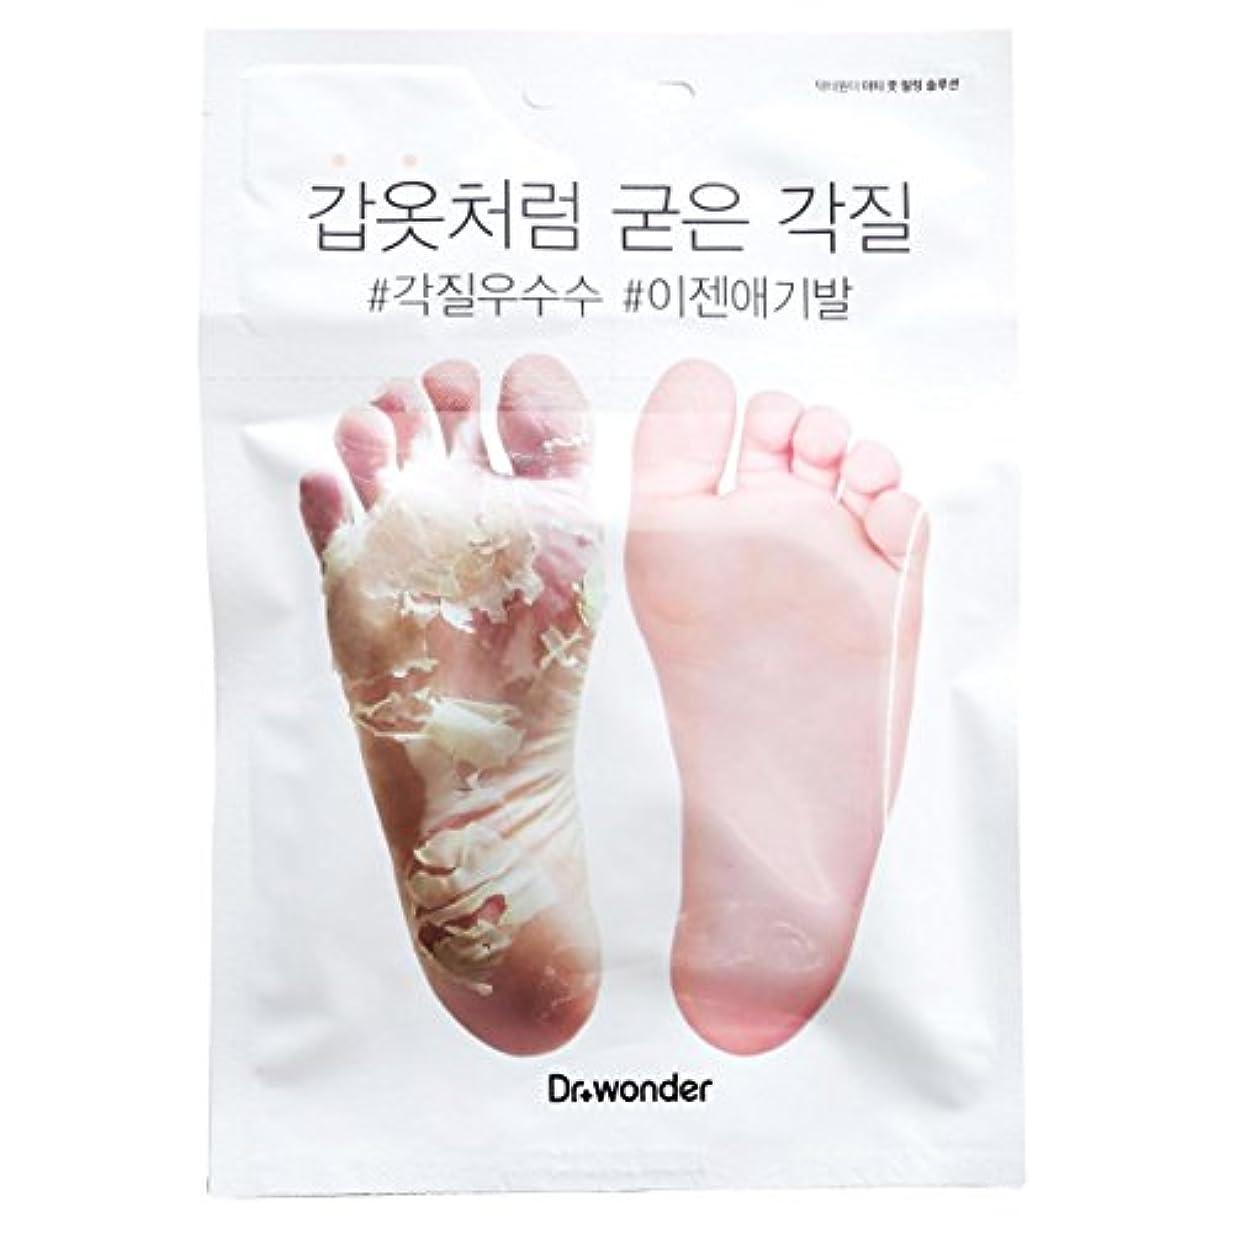 哲学博士ガス聴覚[ドクターワンダー/ Dr+ wonder] Good Bye, Dirty Foot! Doctor Wonder Crocodile Foot Mask Pack / ドクターワンダーワニバルペク/鎧のような硬い角質...